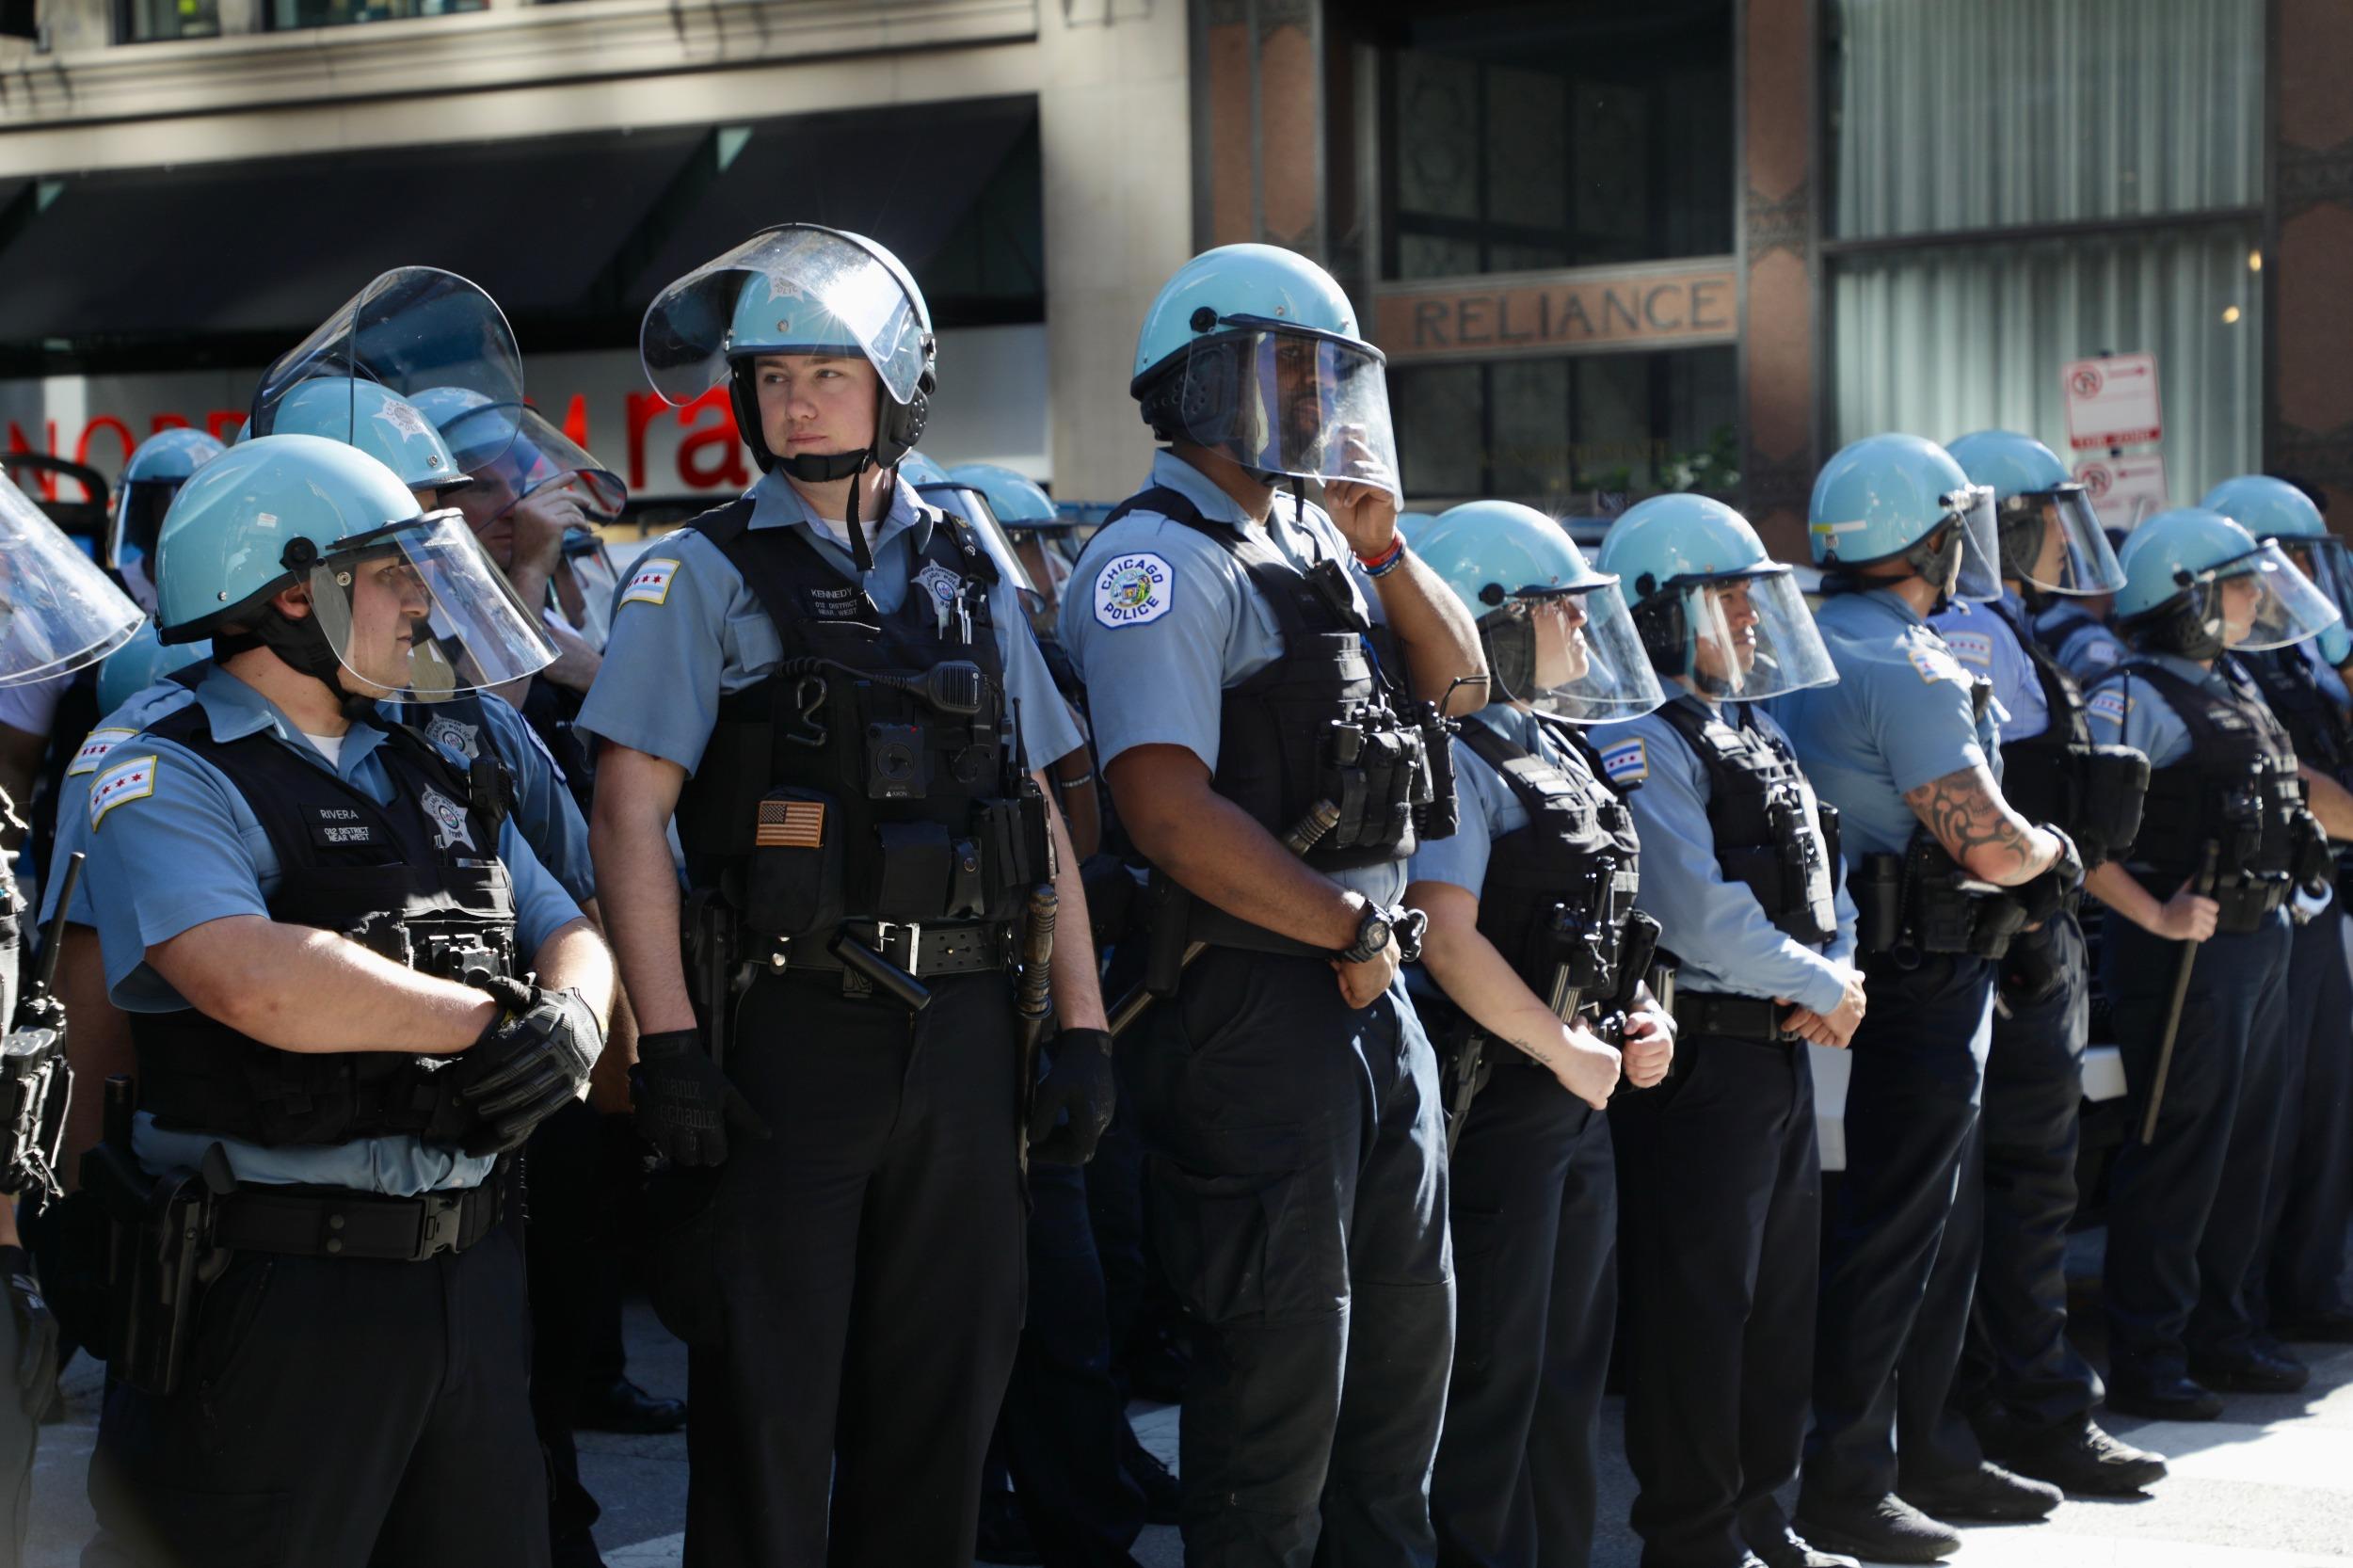 Line of cops